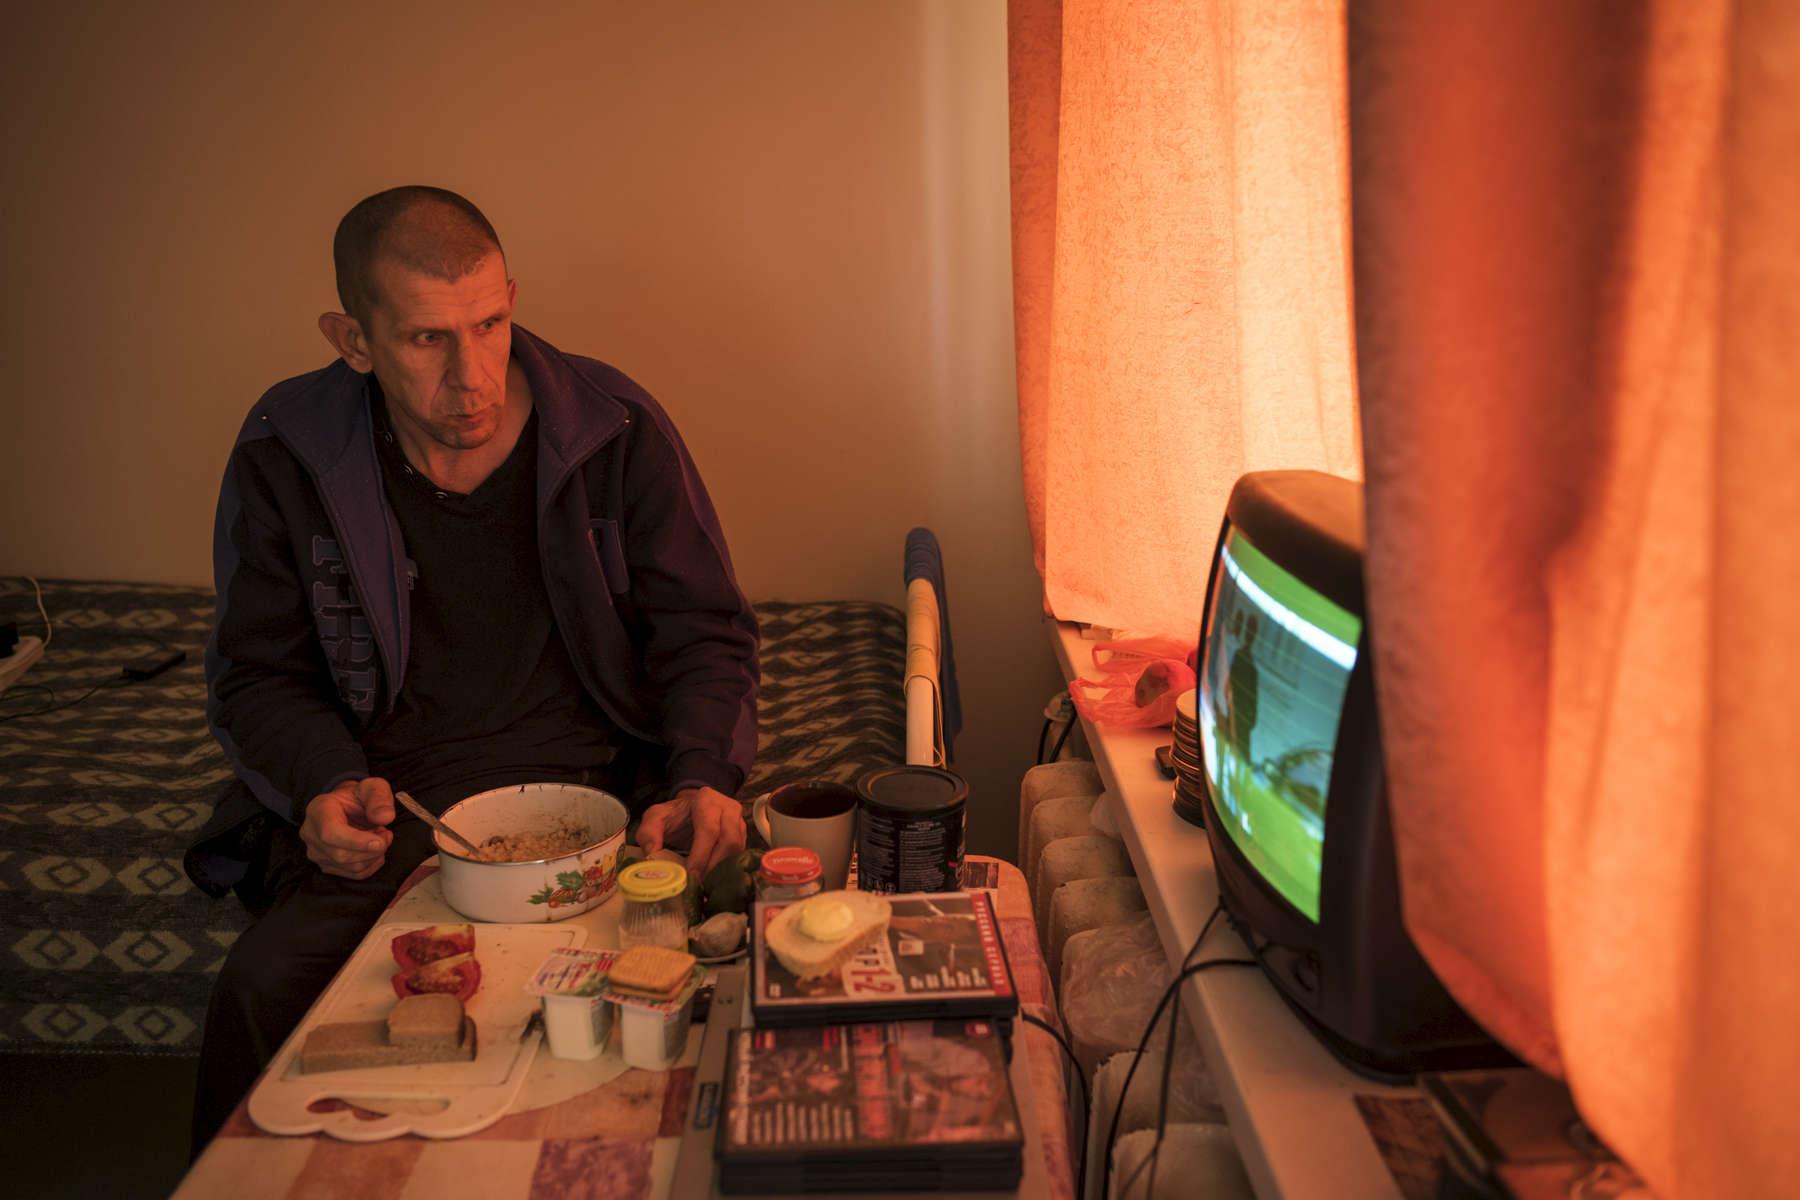 Dmitry, 48 ans est de Minsk. Dmitry est atteint de tuberculose multi-résistante. Il est un ancien prisonnier, il a passé 25 ans derrière les barreaux. Il a été libéré en 2012 de la prison de Orsha. En 1988-1989 il a eu une pleurésie et une pneumonie, ils ont pompé 5 litres de liquide hors de lui. C'est ainsi qu'ils ont détecté la Tb. Il est à l'institut depuis 7 mois. Comme la plupart es patients, Dmitry préfère prendre son repas seul dans sa chambre. Institut Républicain de la Tb, Minsk, Bielorussie, 2018.